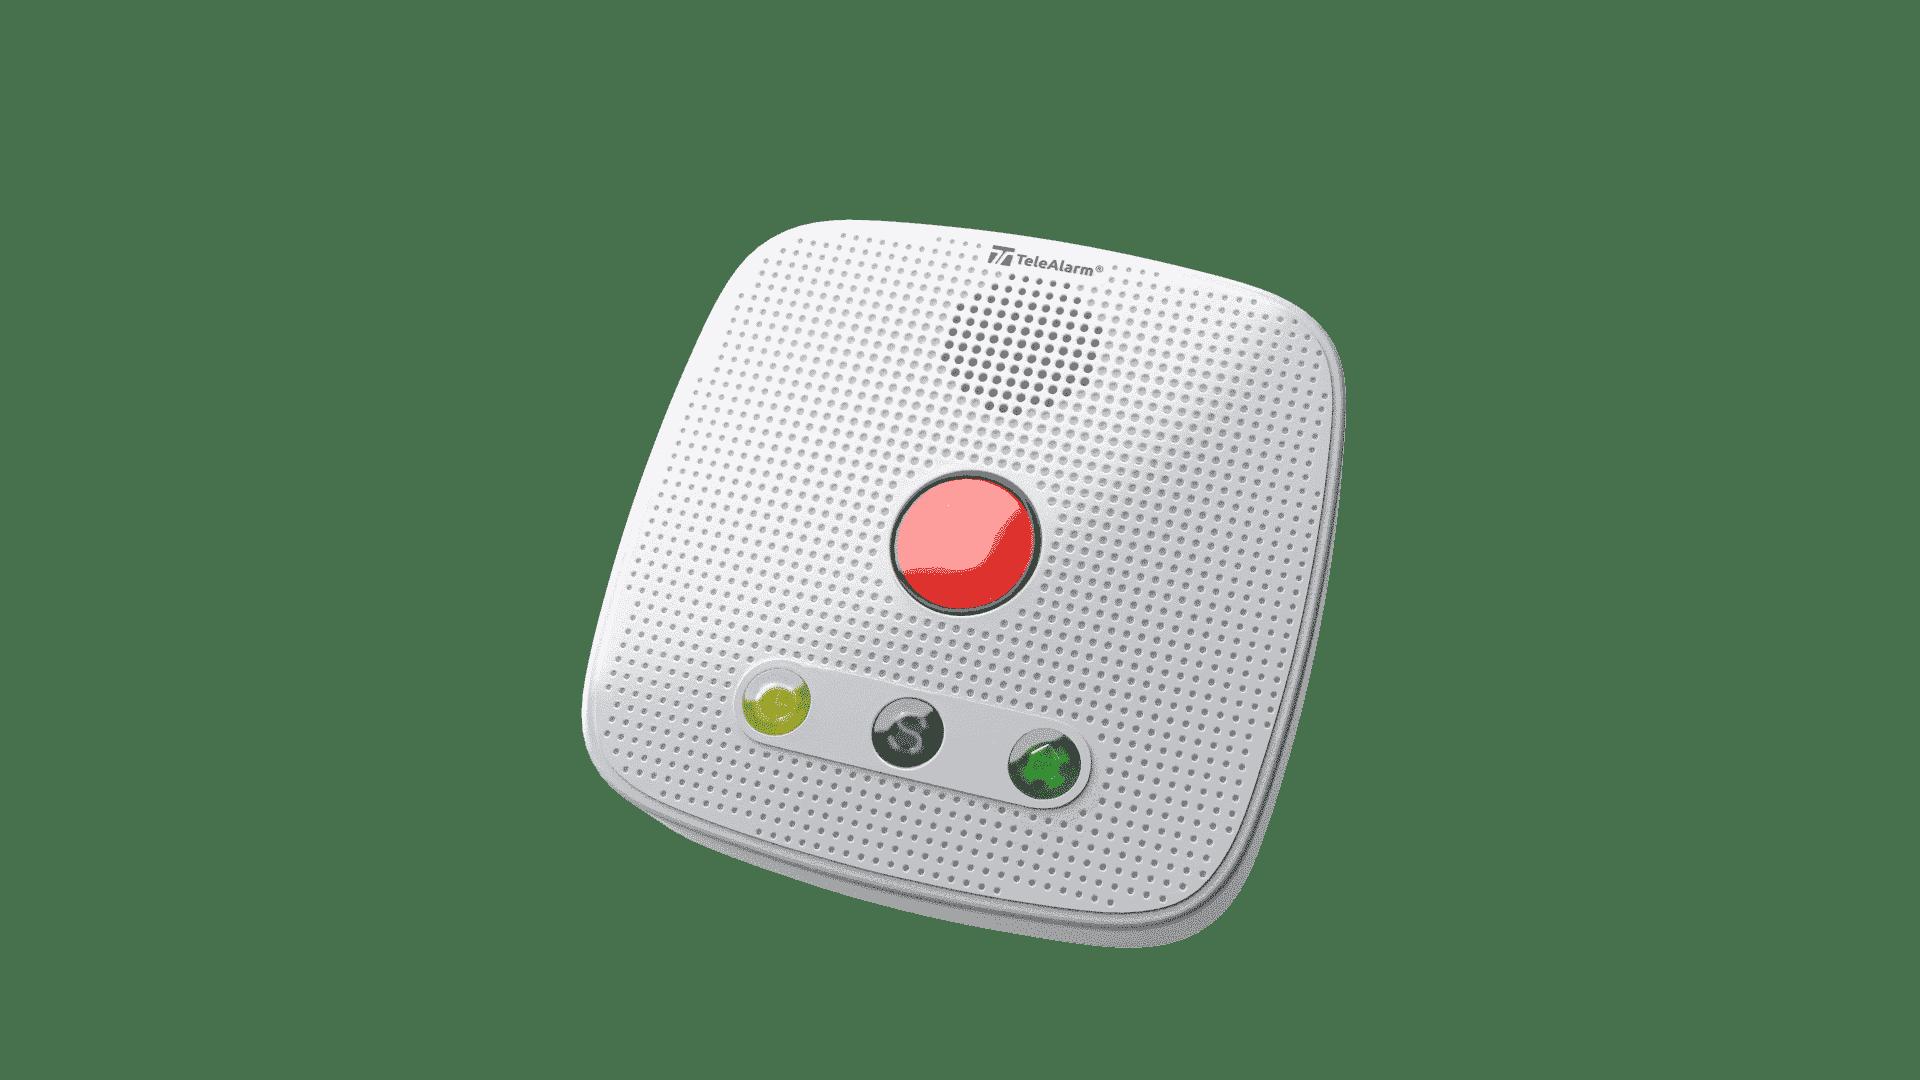 Umstellung auf digitale Telefonnetze